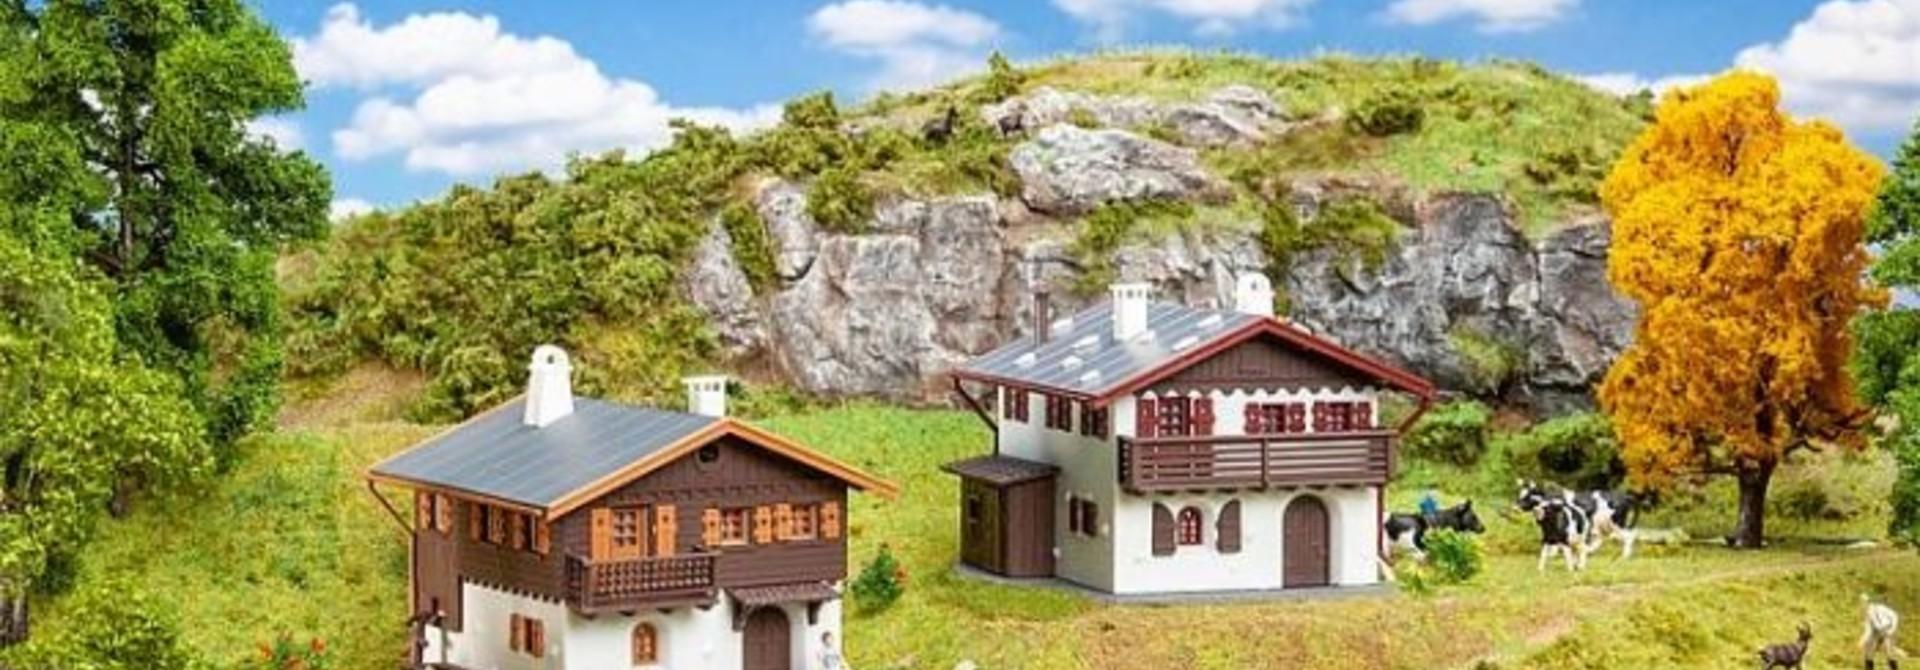 190162 Actieset met Alpenhuizen